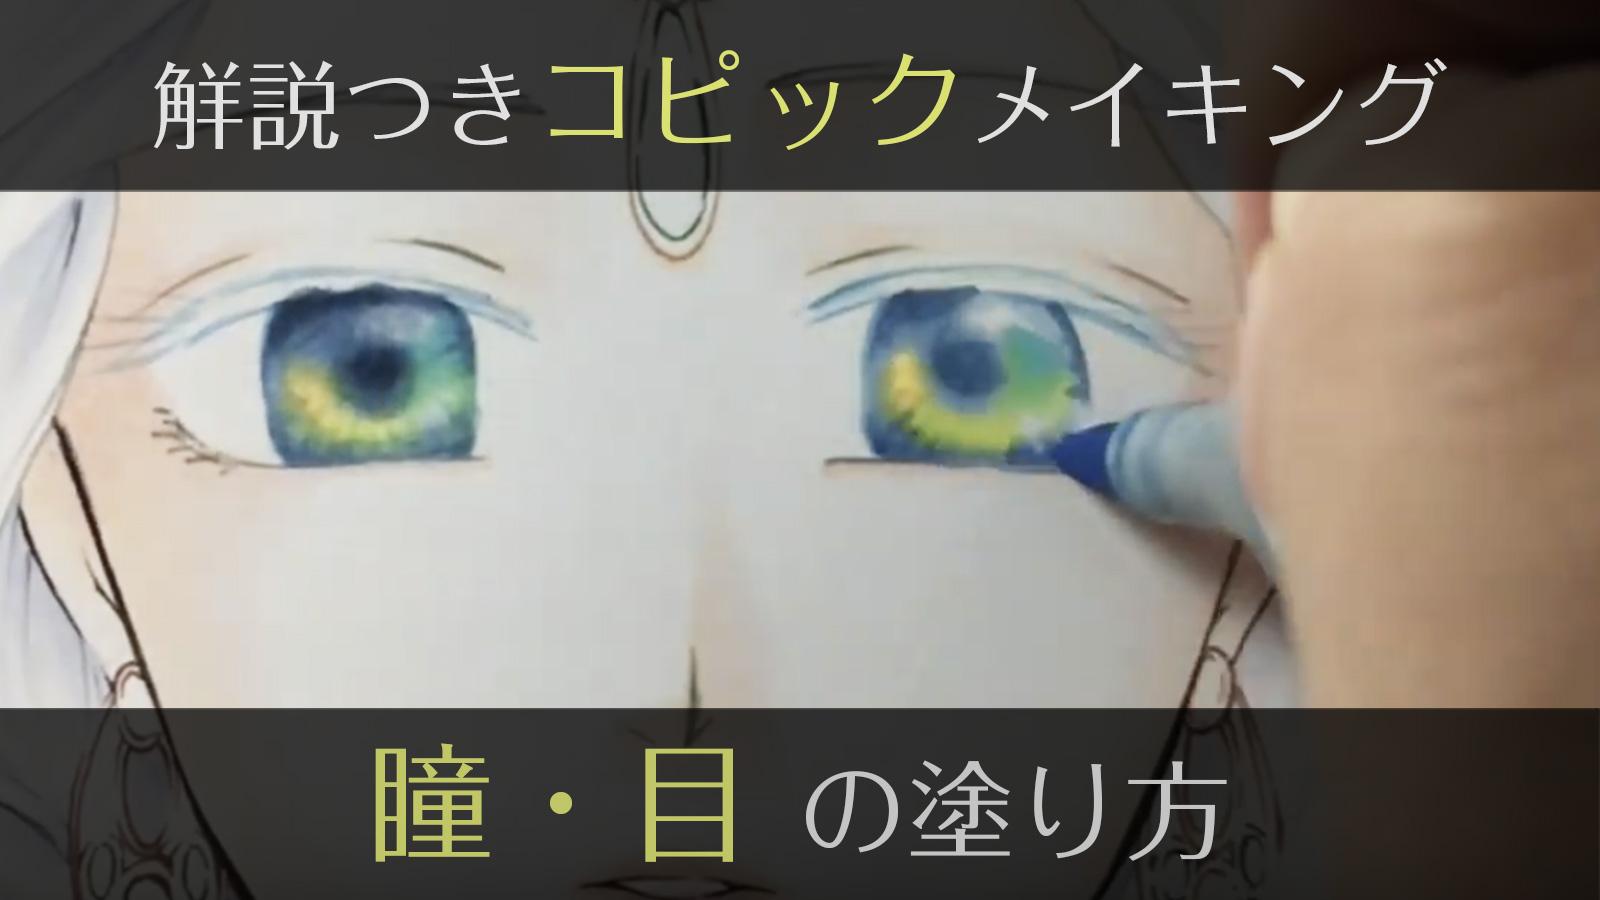 【コピック初心者向け】青い目・瞳の塗り方講座(メイキング動画あり)